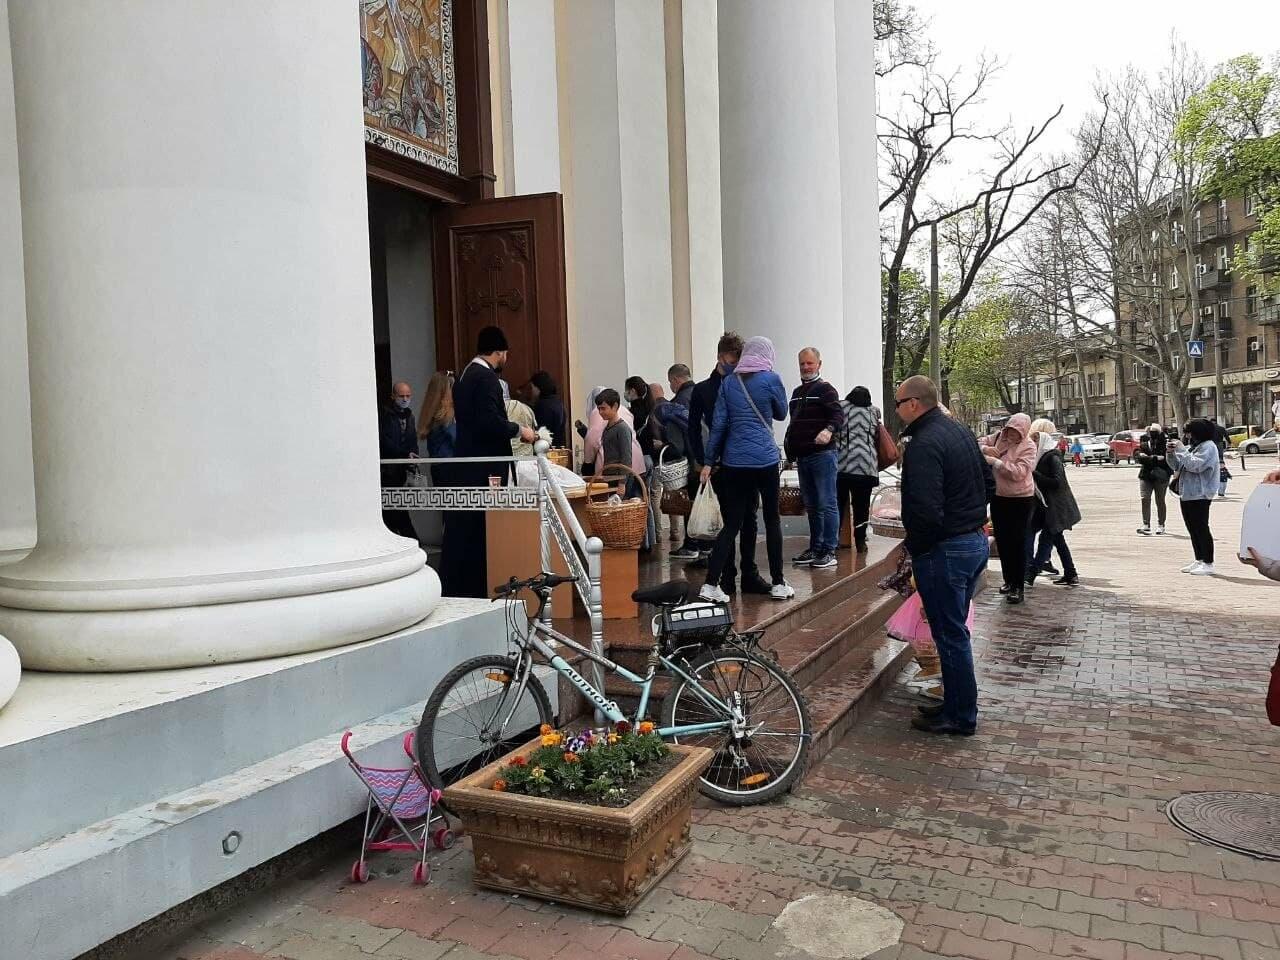 Пасха-2021: как в Одессе святят паски, - ФОТОРЕПОРТАЖ, фото-5